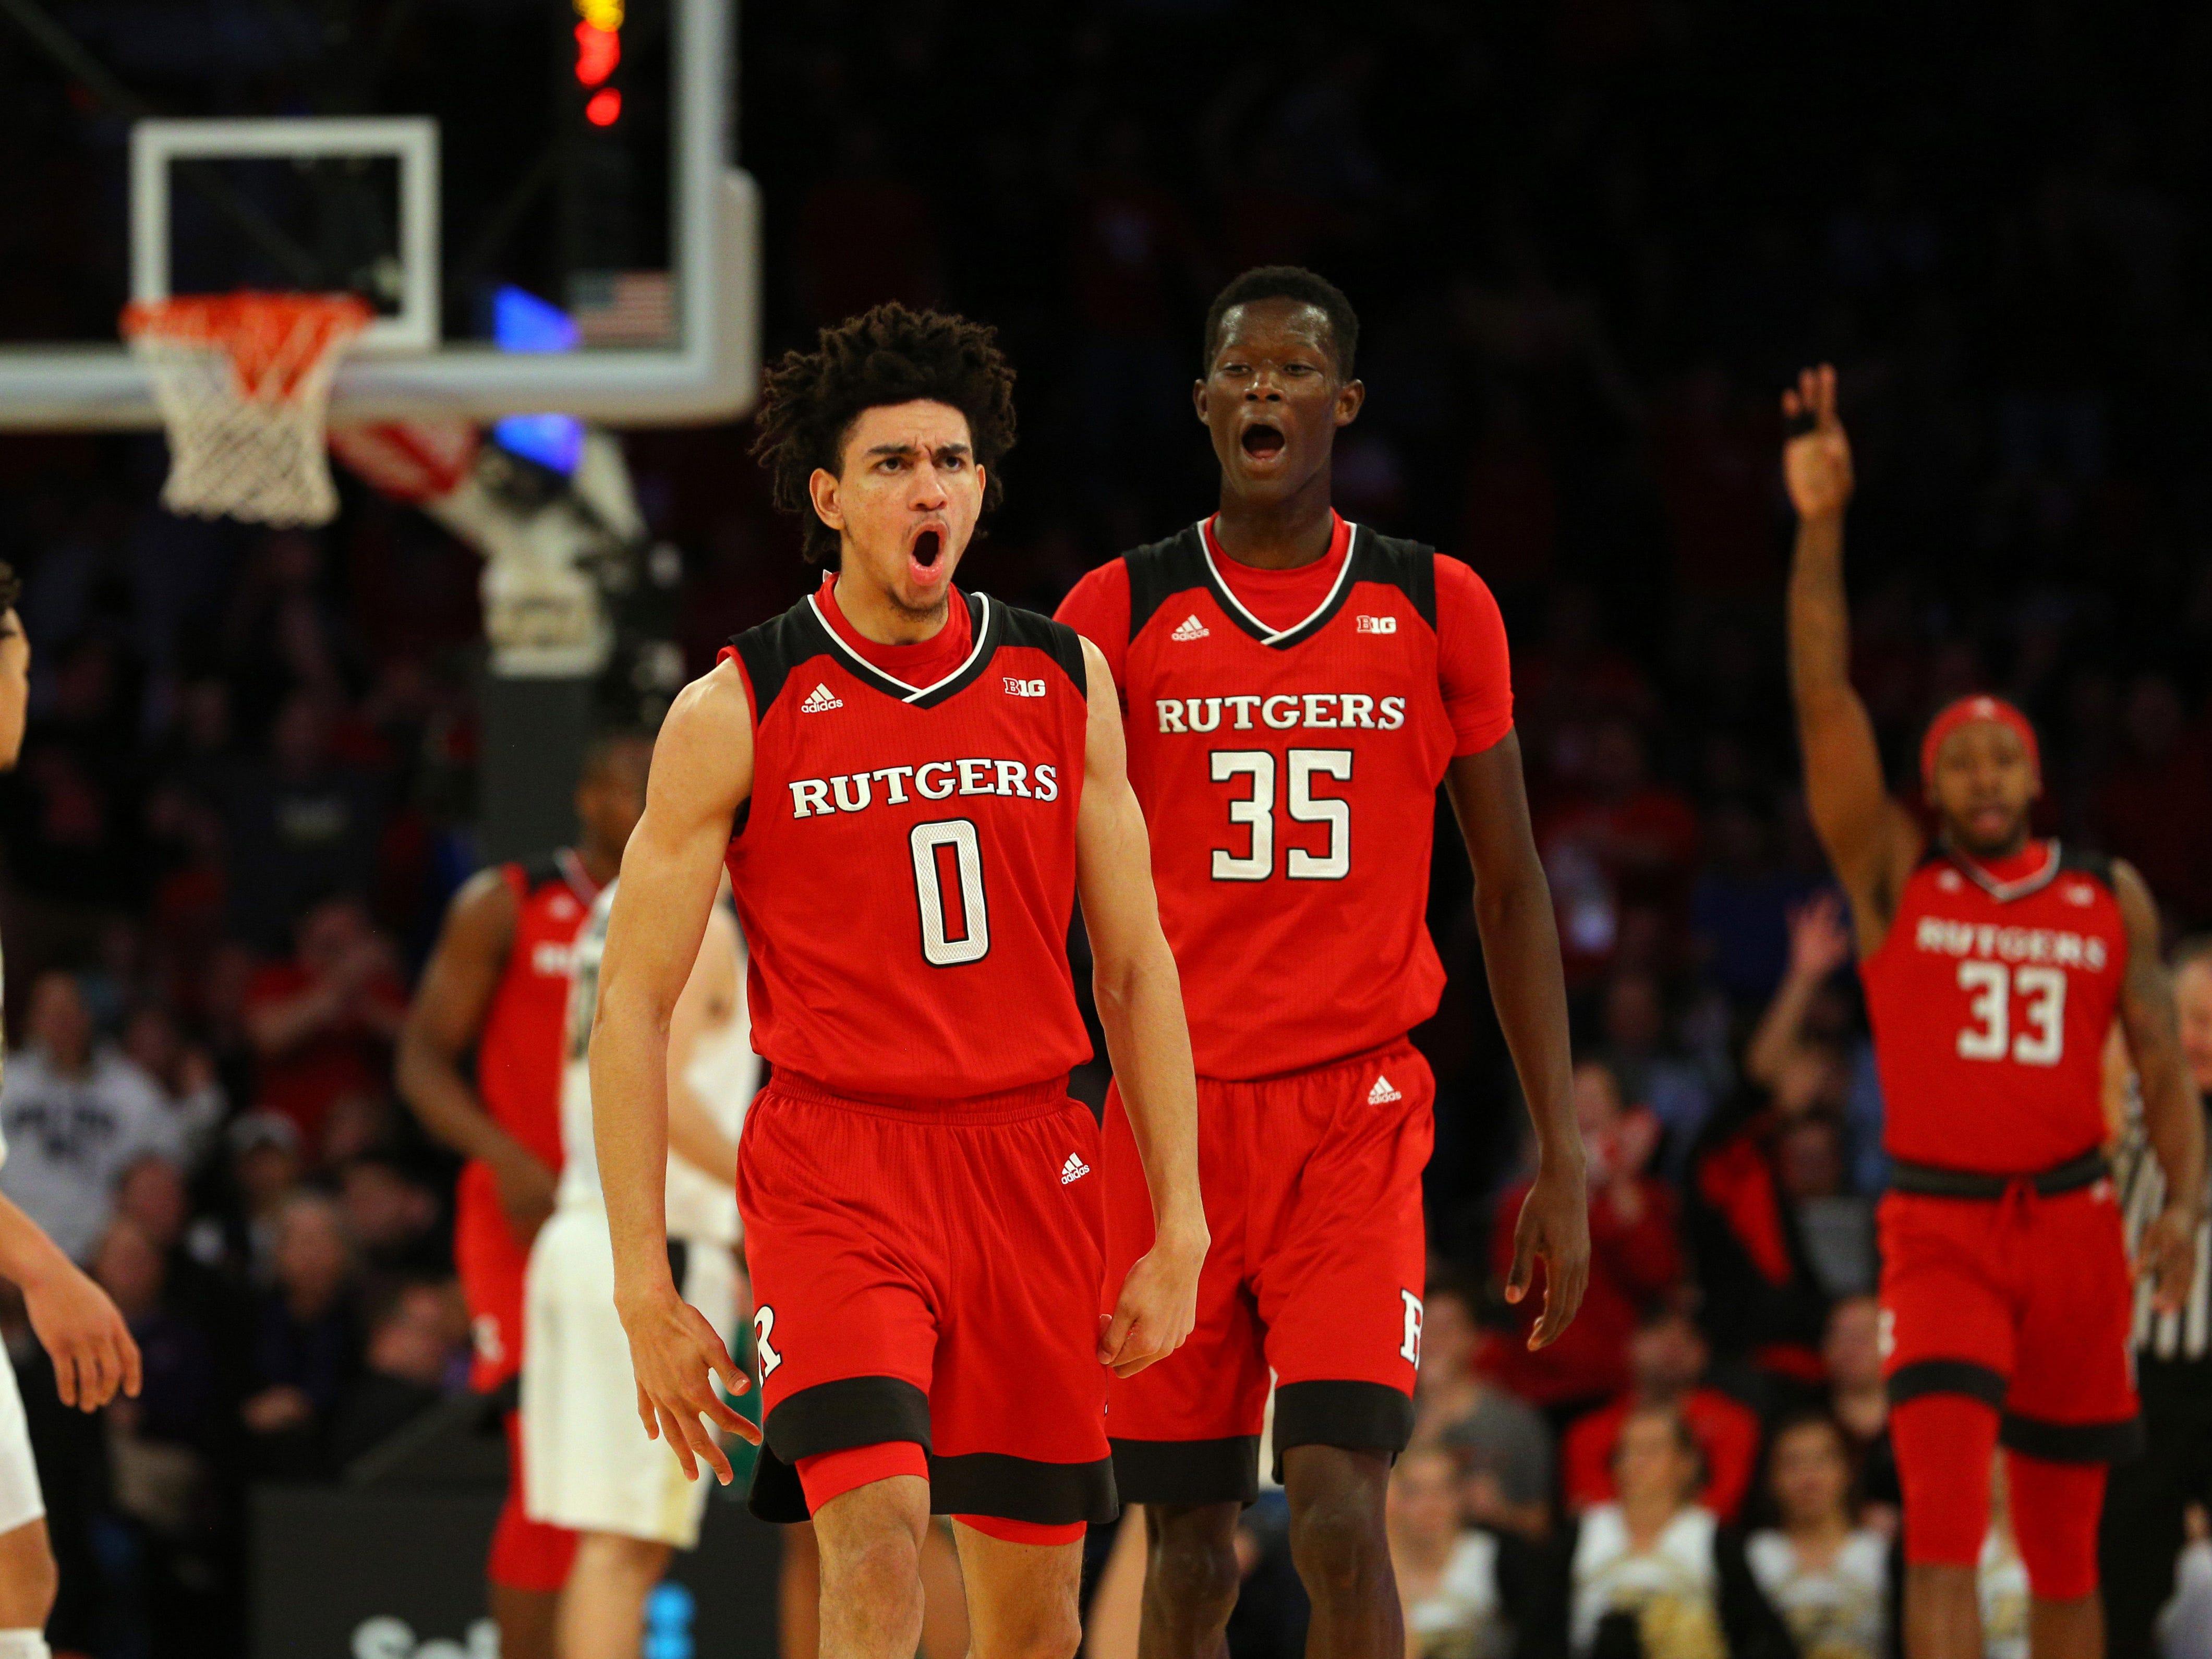 14. Rutgers | 2017-18 record: 15-19 | Big Ten record: 3-15